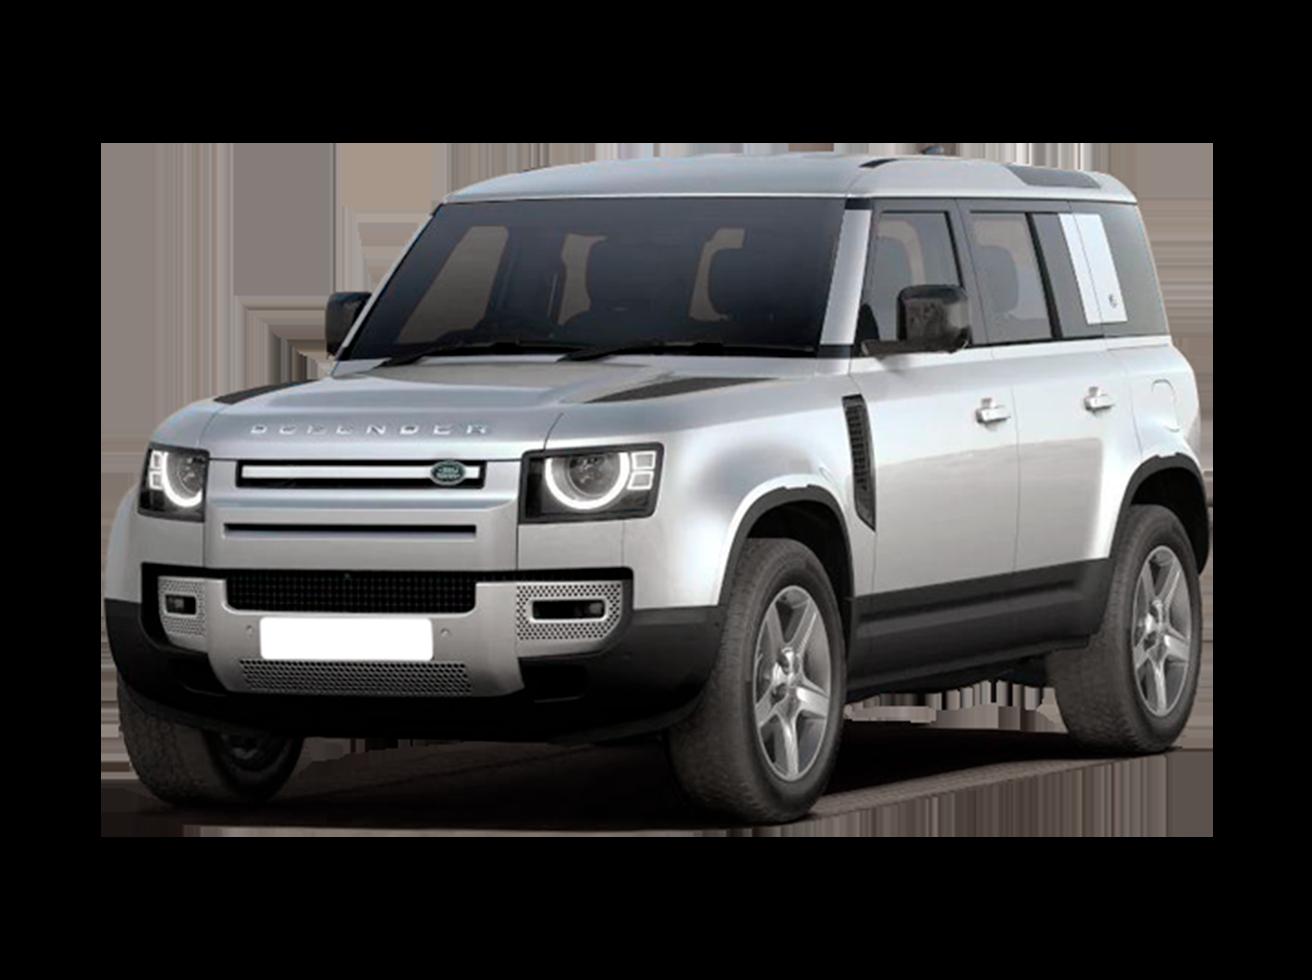 LAND ROVER - DEFENDER - 2.0 P300 GASOLINA 110 SE AWD AUTOMÁTICO